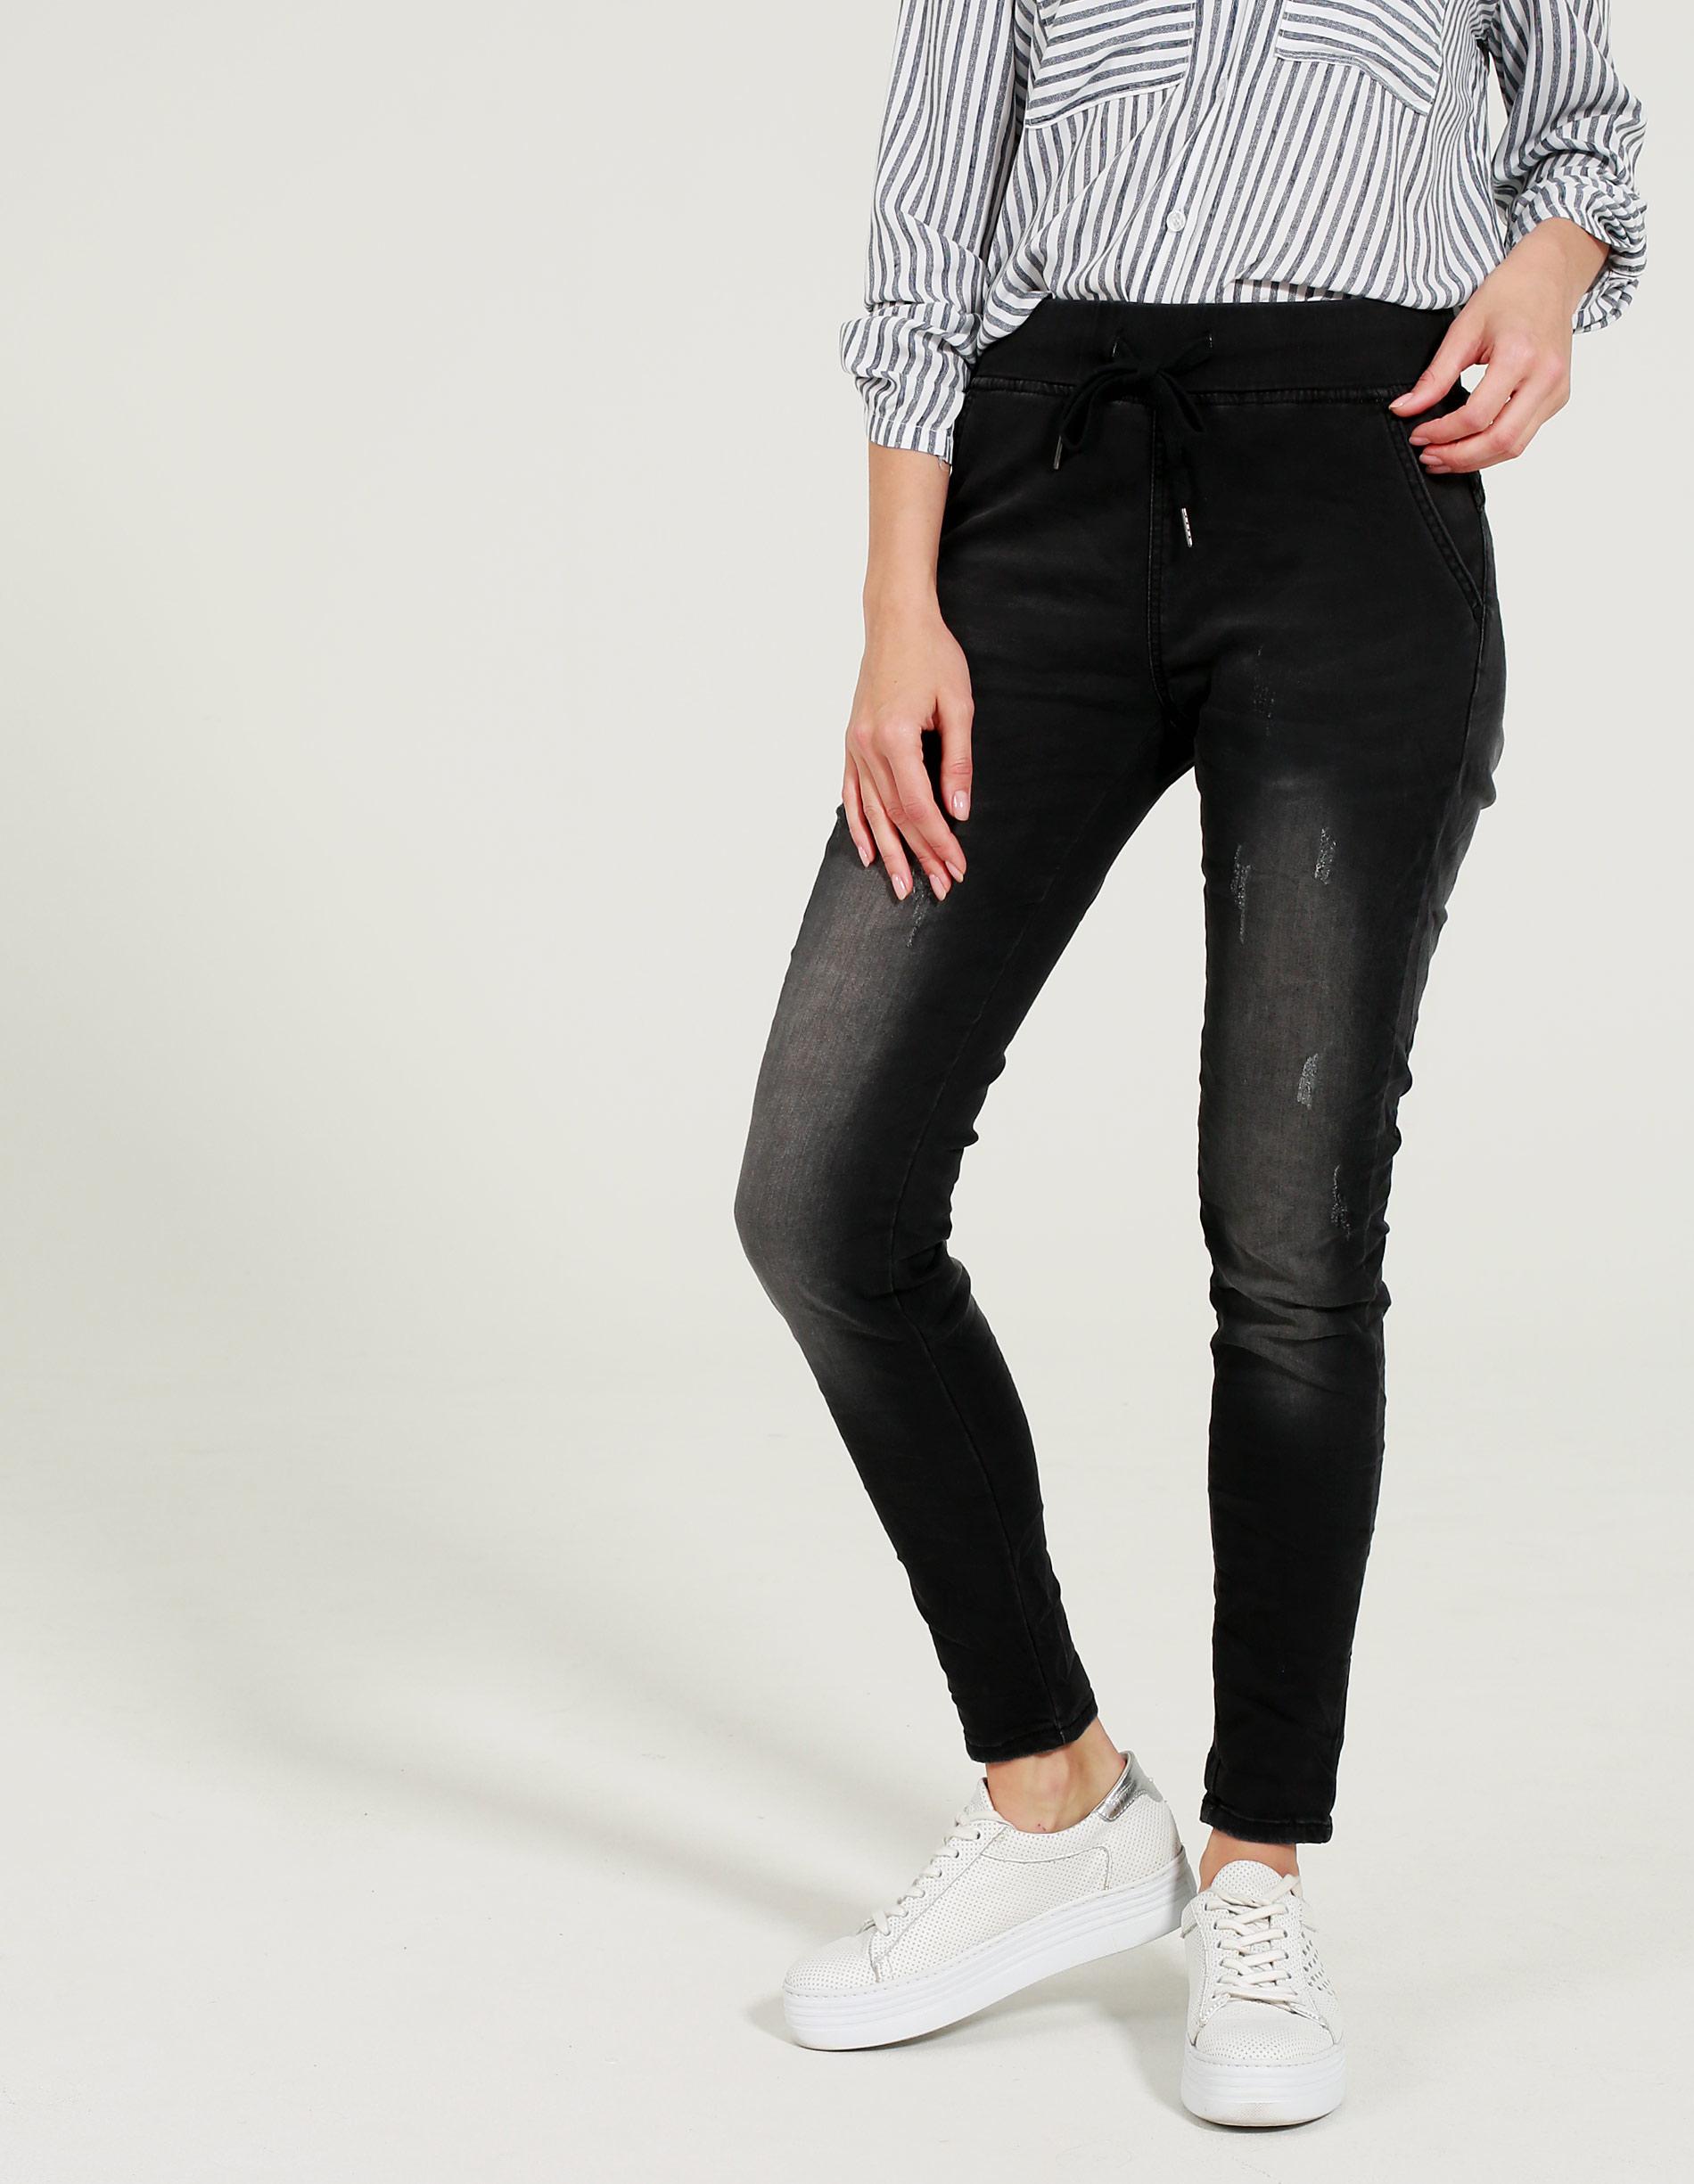 Spodnie - 42-6101 NEJ18 - Unisono